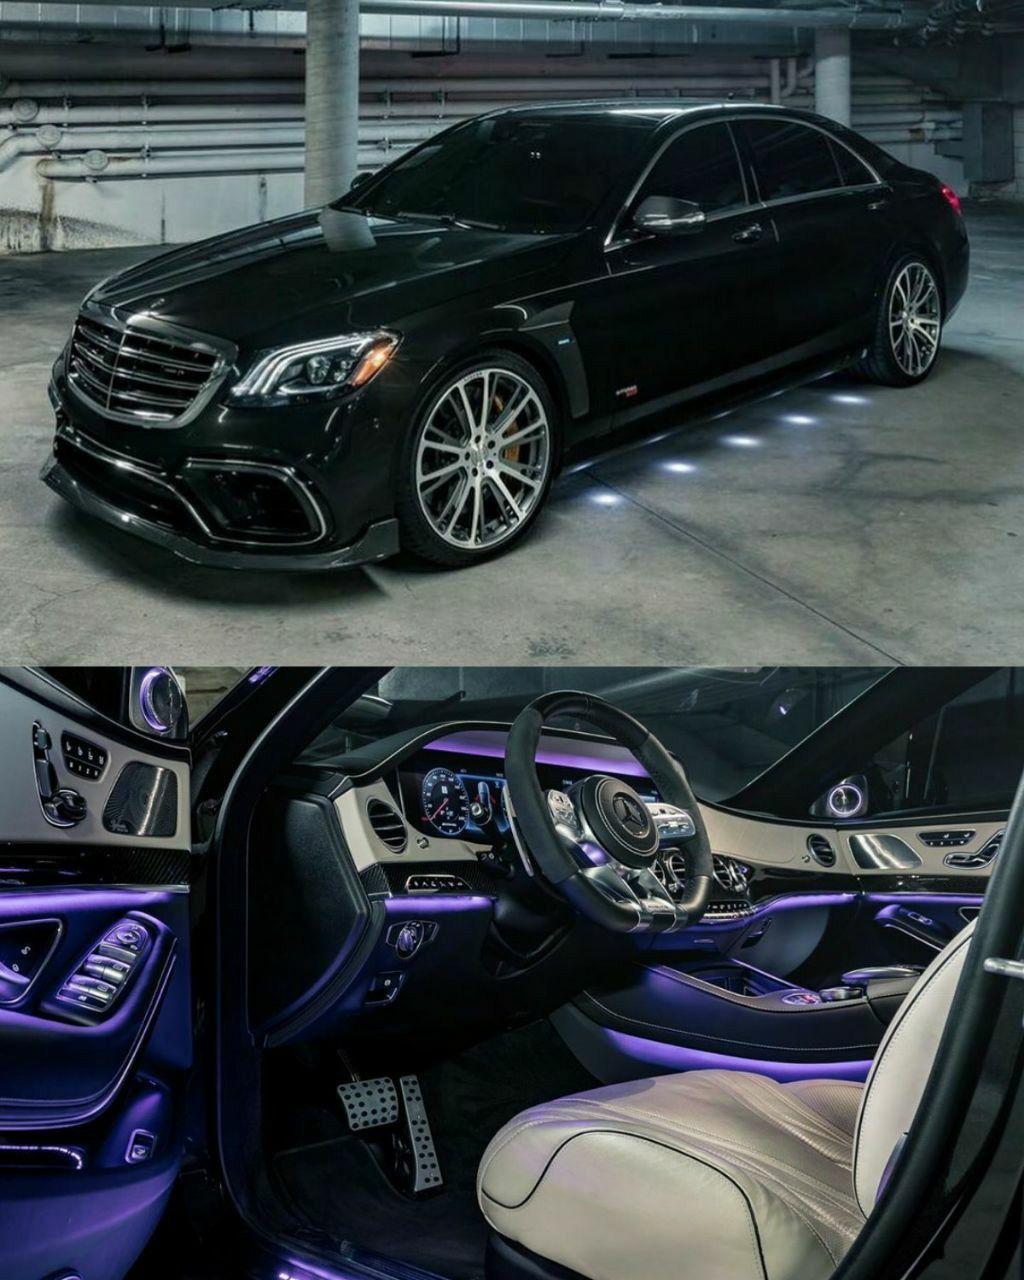 Mercedes Benz Unveils Tech Packed 2021 S Class Benz S Class Mercedes Benz Cars Benz